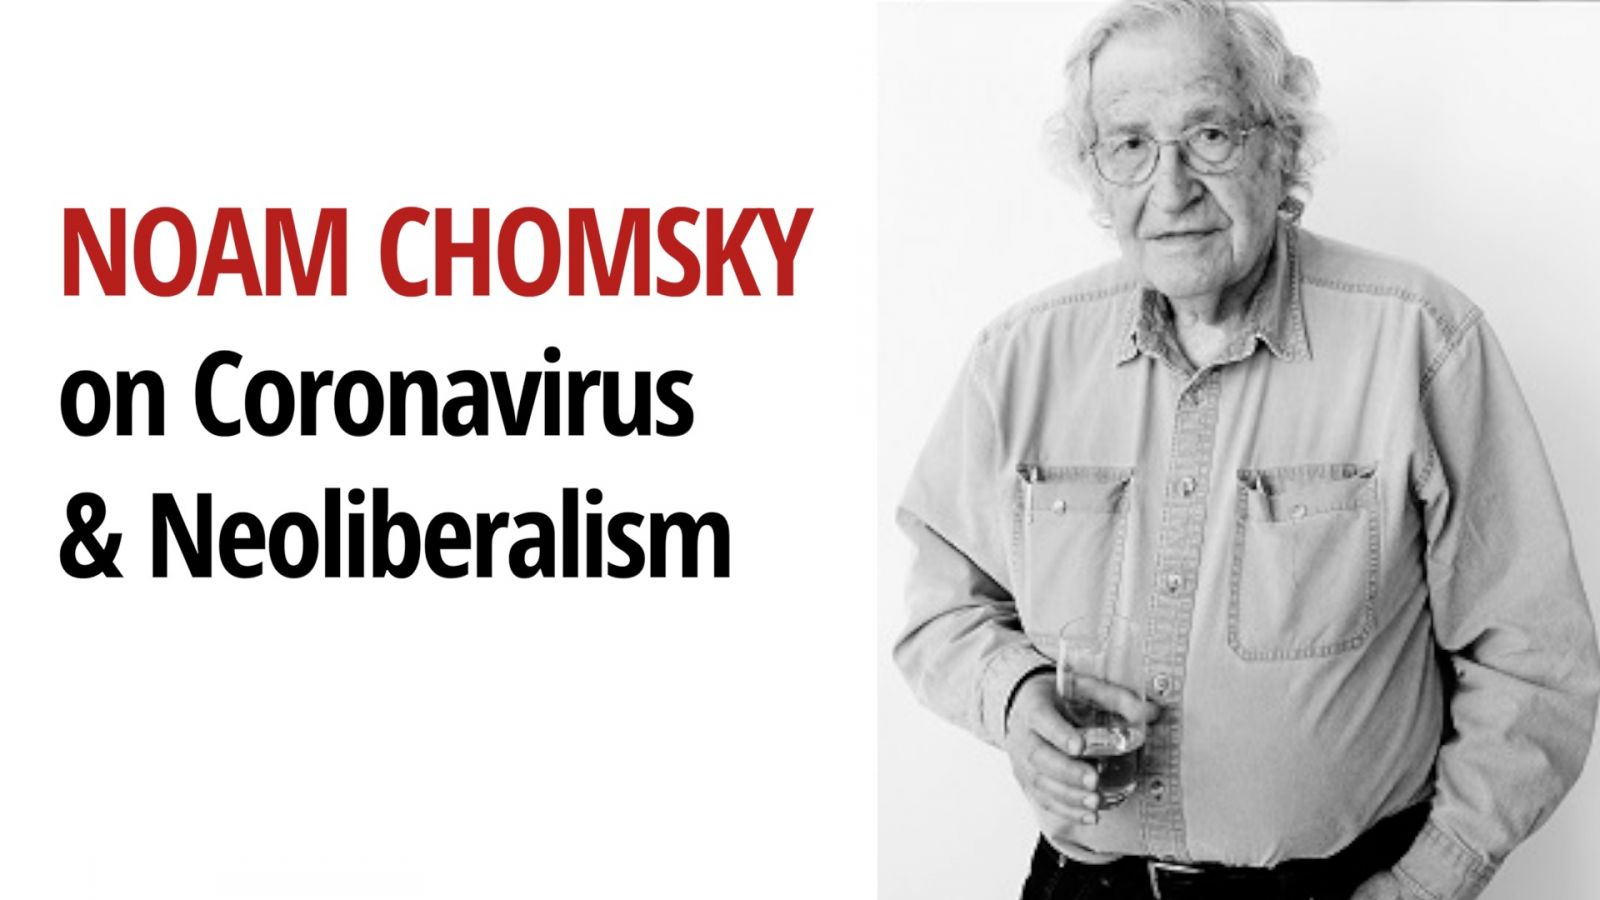 Noam Chomsky elemzését a koronavírus-járvány és a neoliberális politika összefüggéseiről számtalan médiatermék lehozta   Forrás: actvism.org